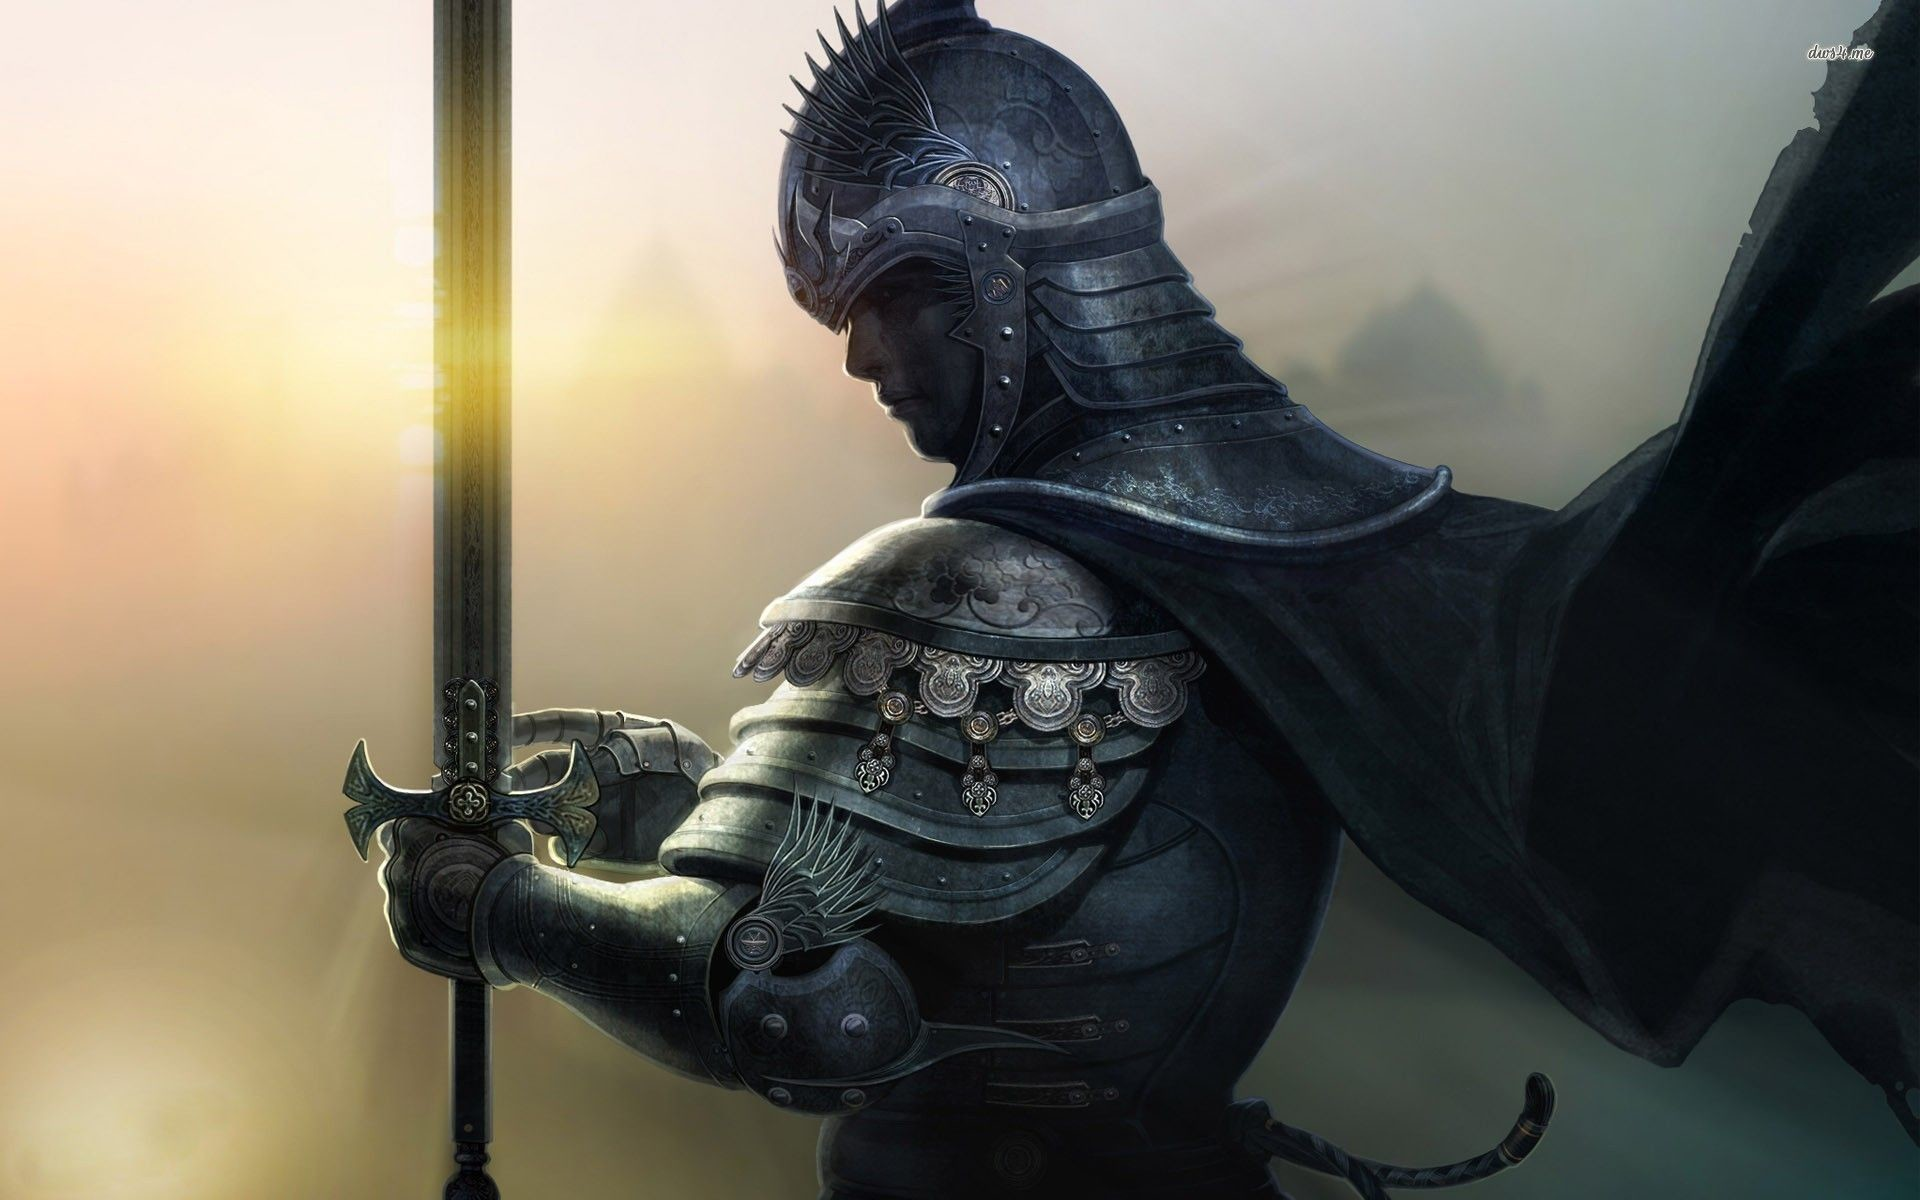 Medieval knight wallpaper – Fantasy wallpapers – #8147